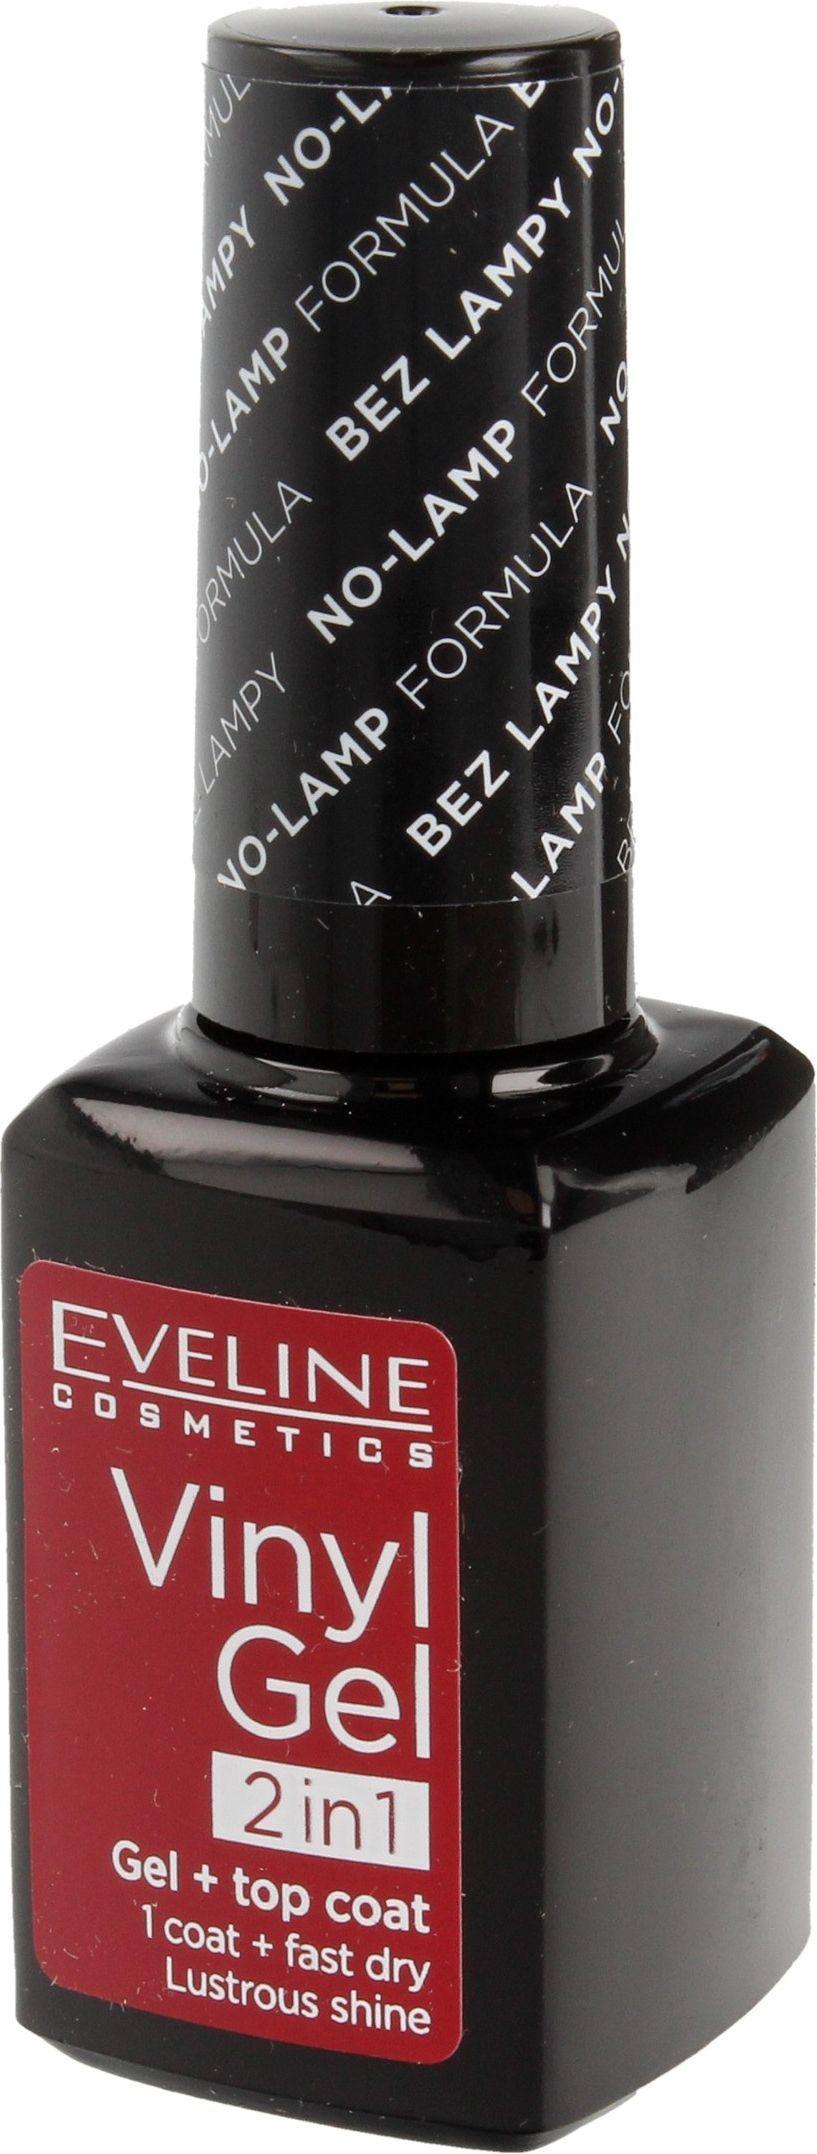 Eveline Eveline Vinyl Gel 2in1 Lakier Do Paznokci Winylowy Nr 221 12ml W Amfora Pl